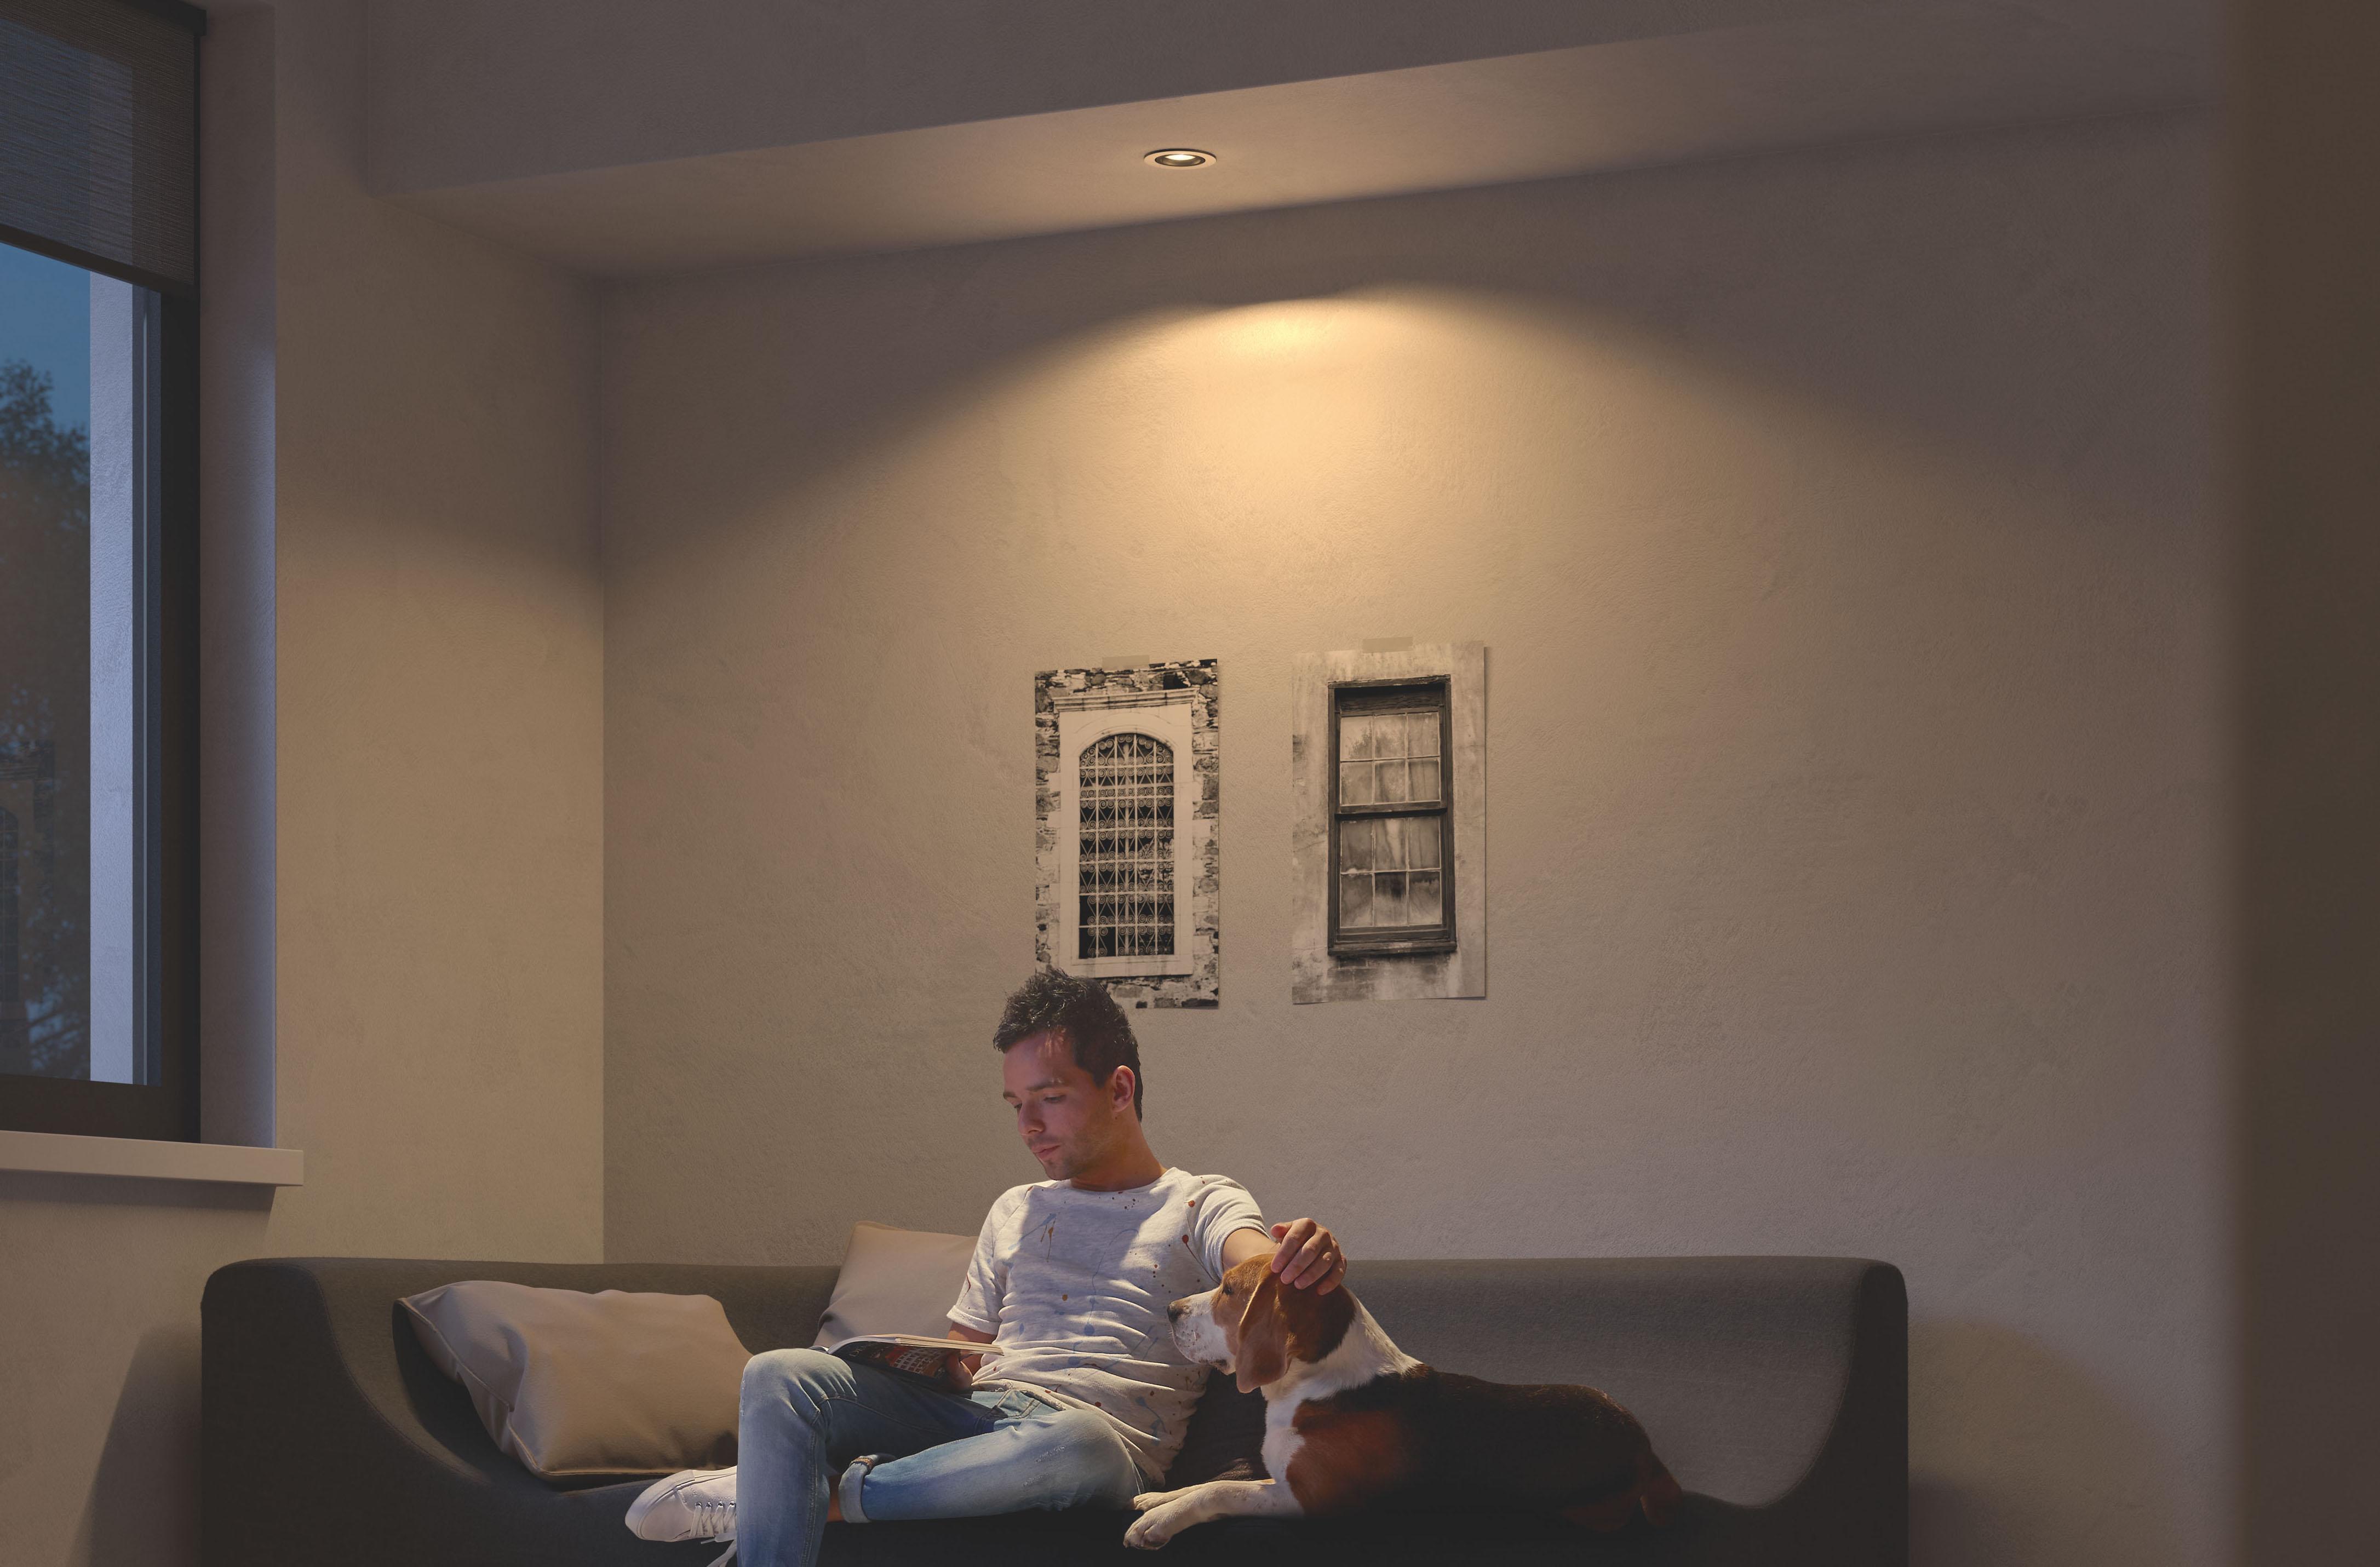 philips hue gu10 wie gro sollte der abstand zwischen den einzelnen spots sein. Black Bedroom Furniture Sets. Home Design Ideas